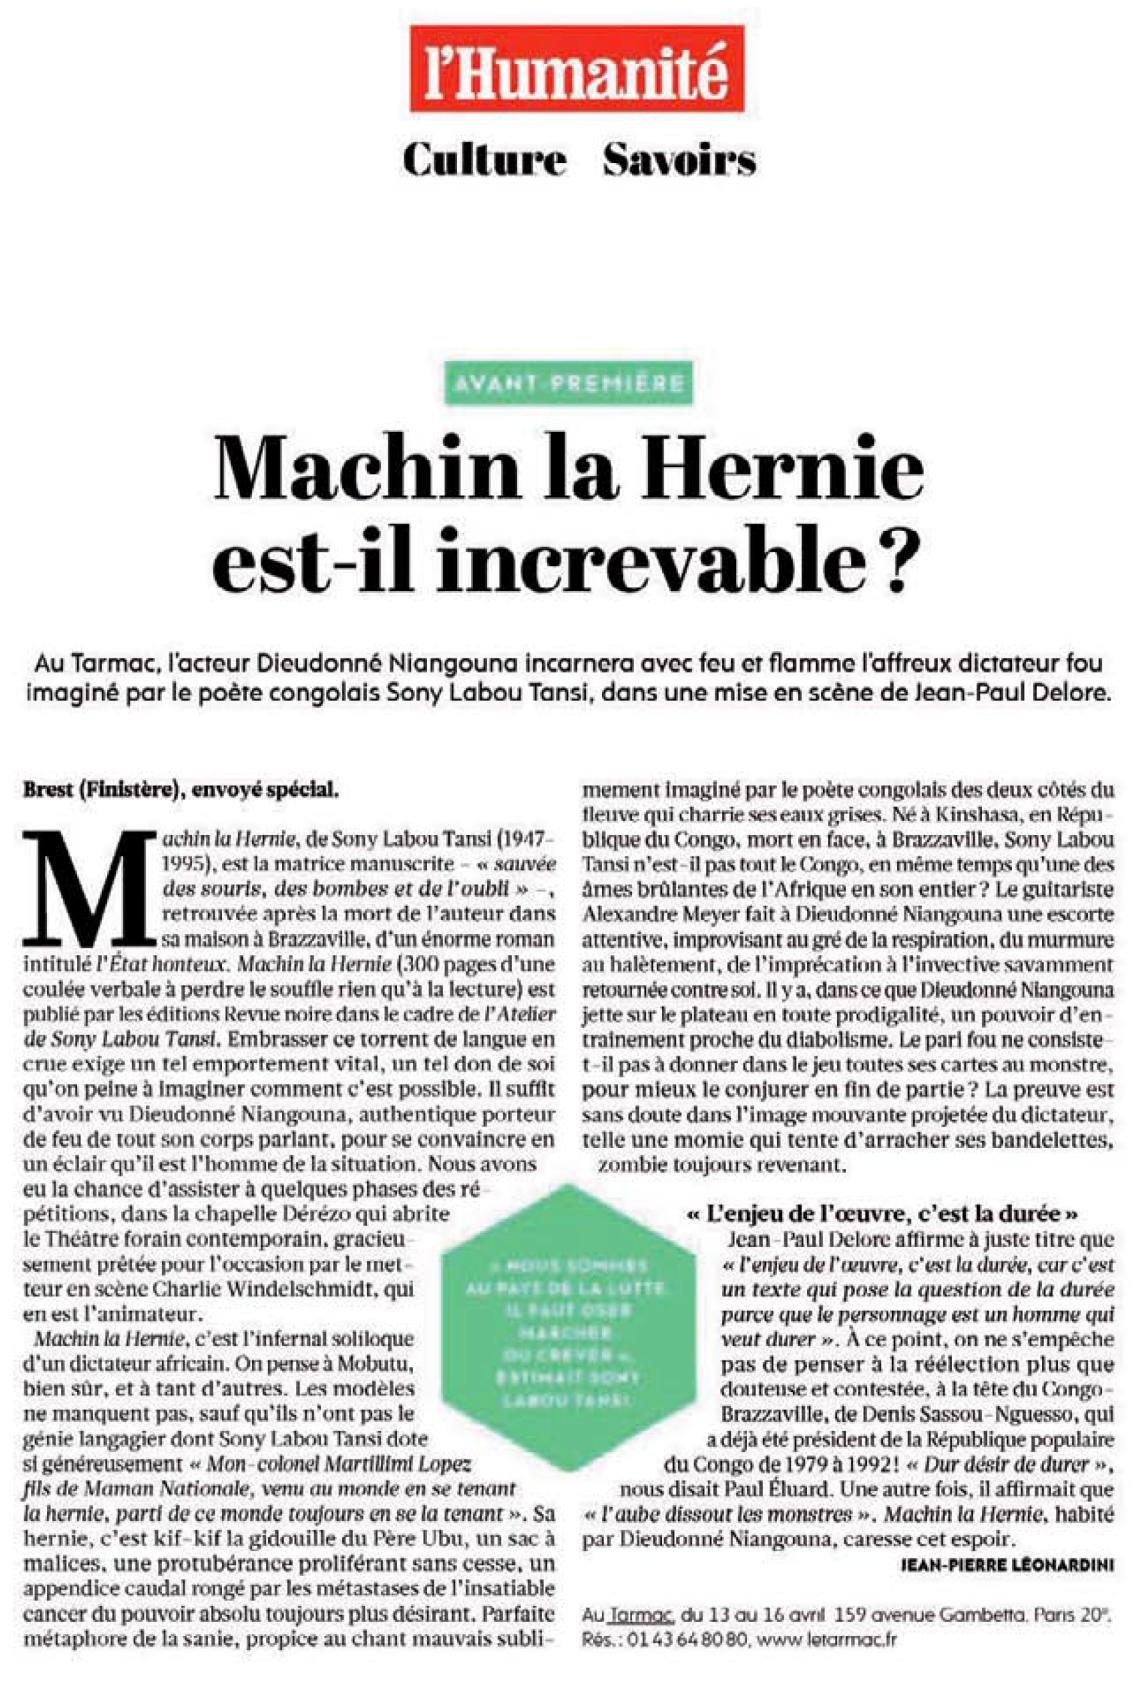 27_Machin-la-hernie 18.jpg